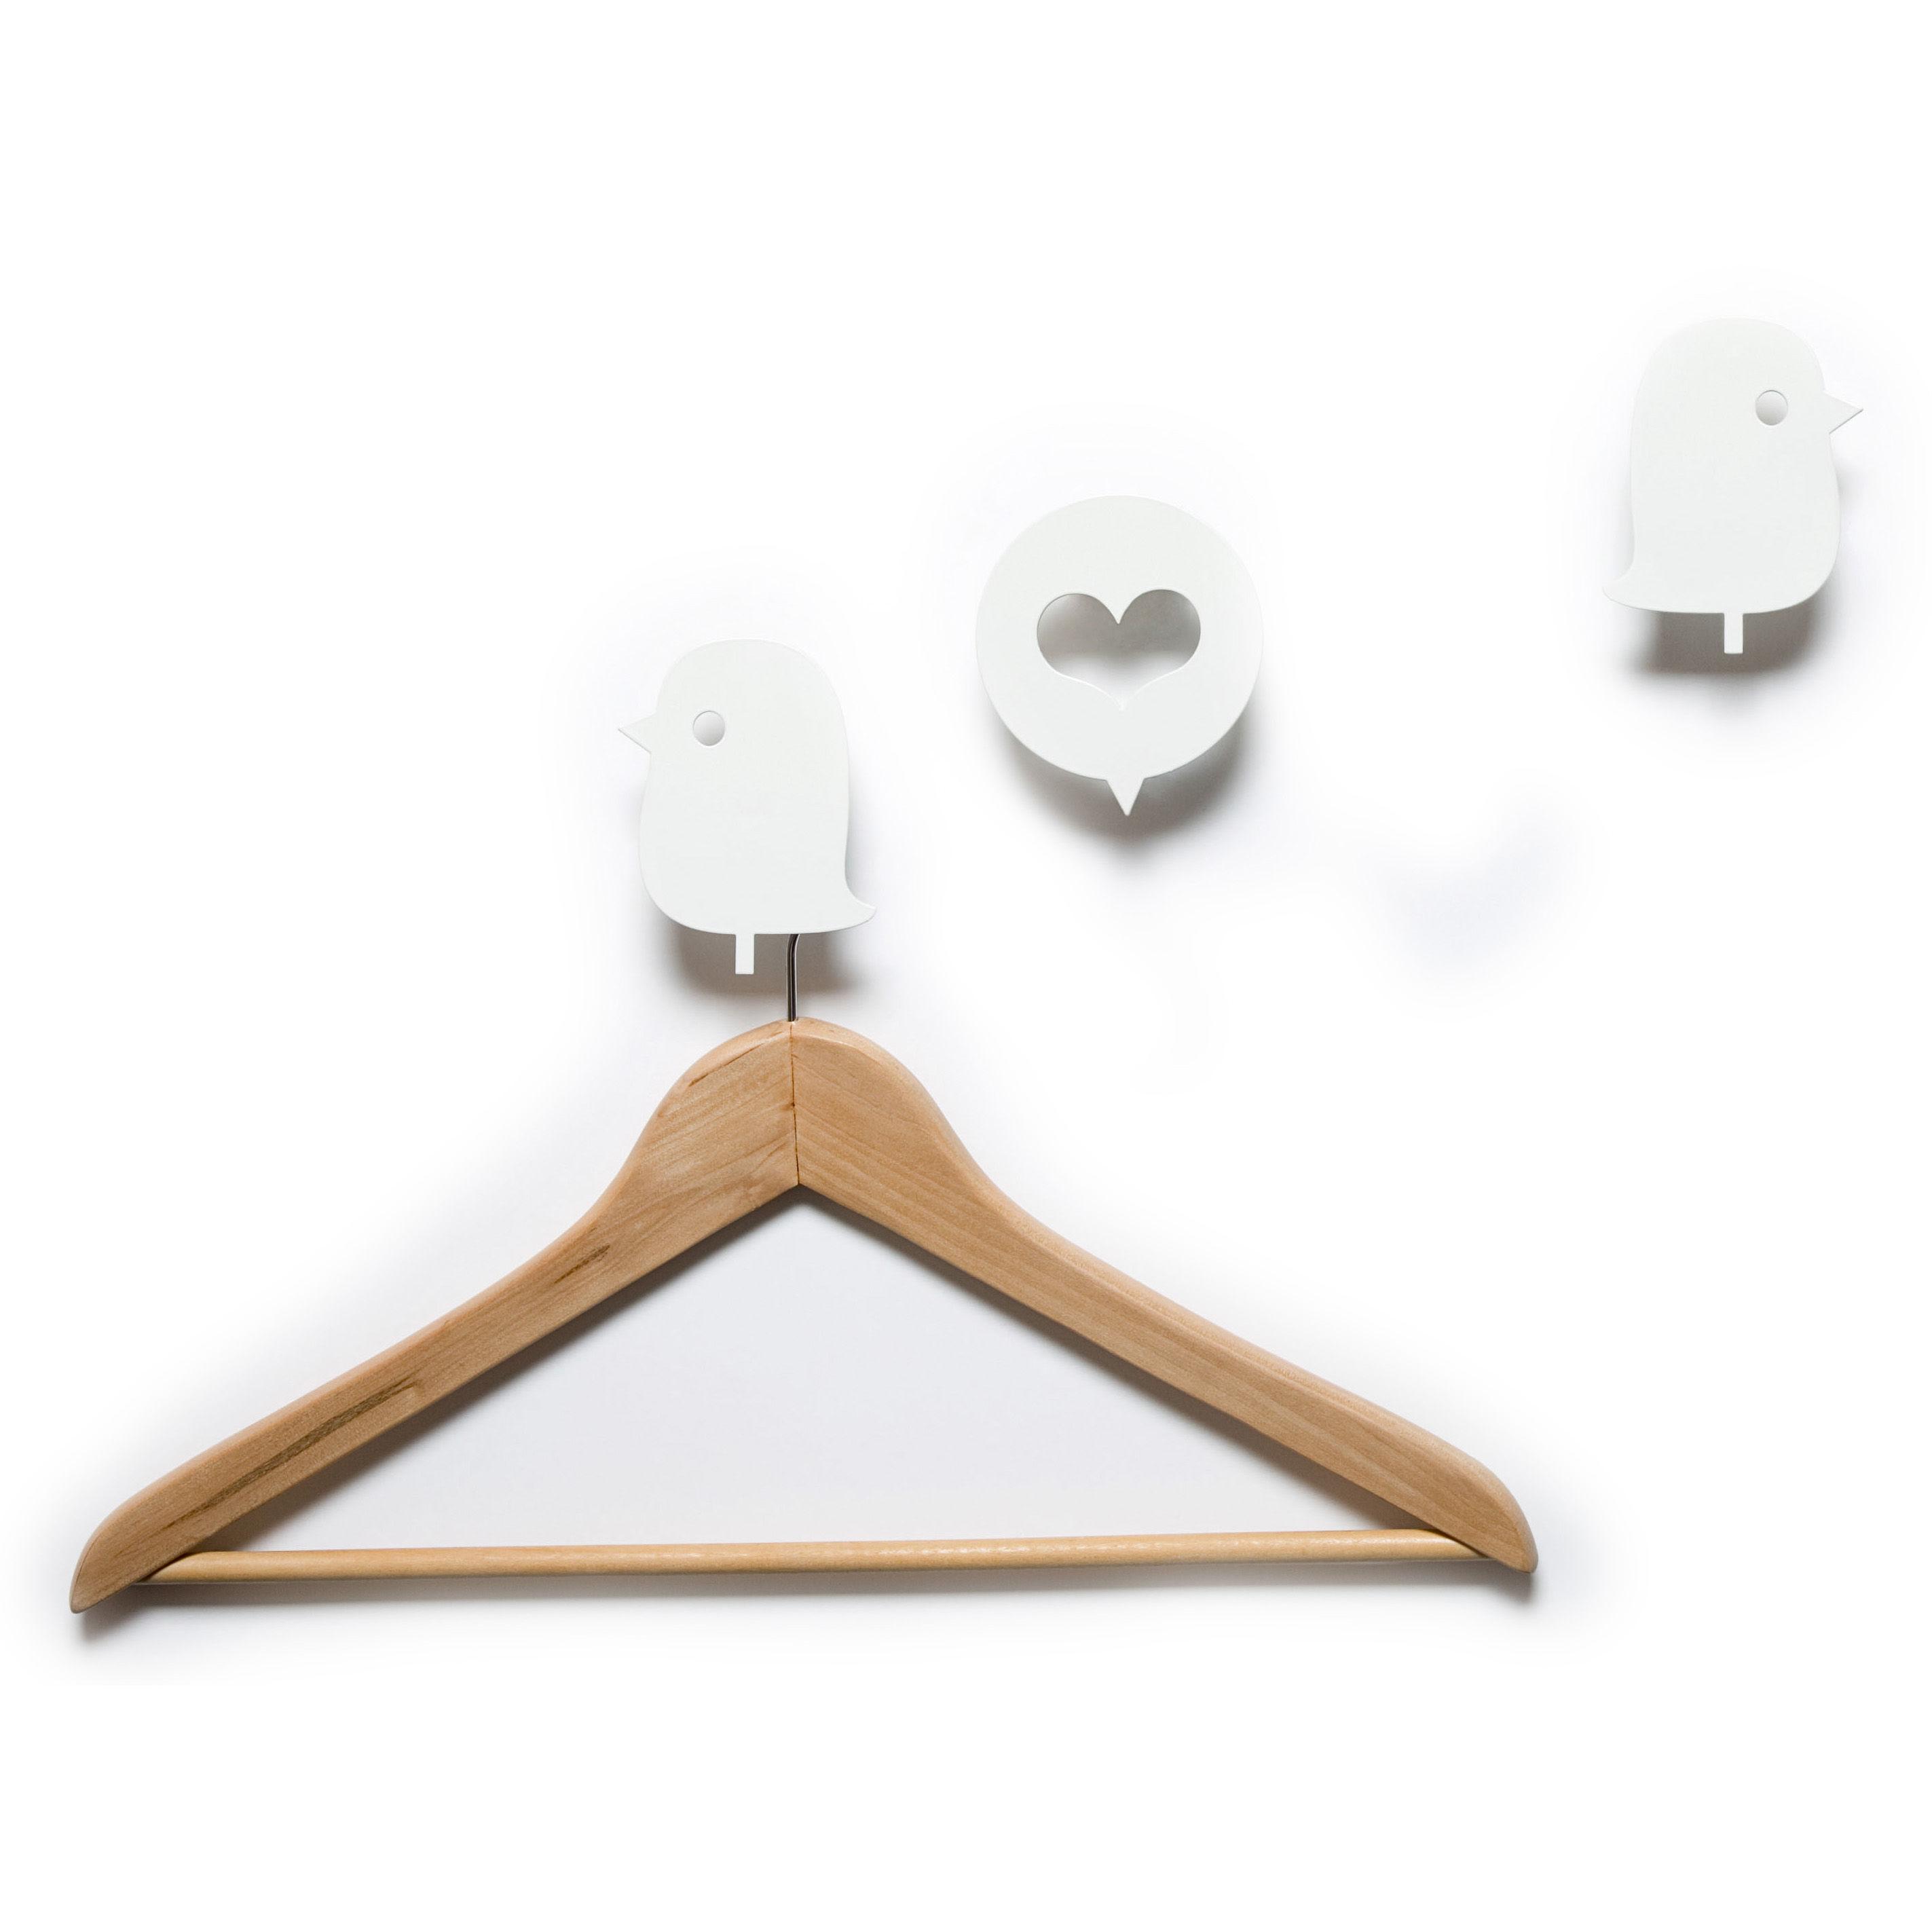 Mobilier - Portemanteaux, patères & portants - Patère Oiseaux et cœur / Lot de 3 - Domestic - Oiseaux et cœur / Blanc - Aluminium laqué